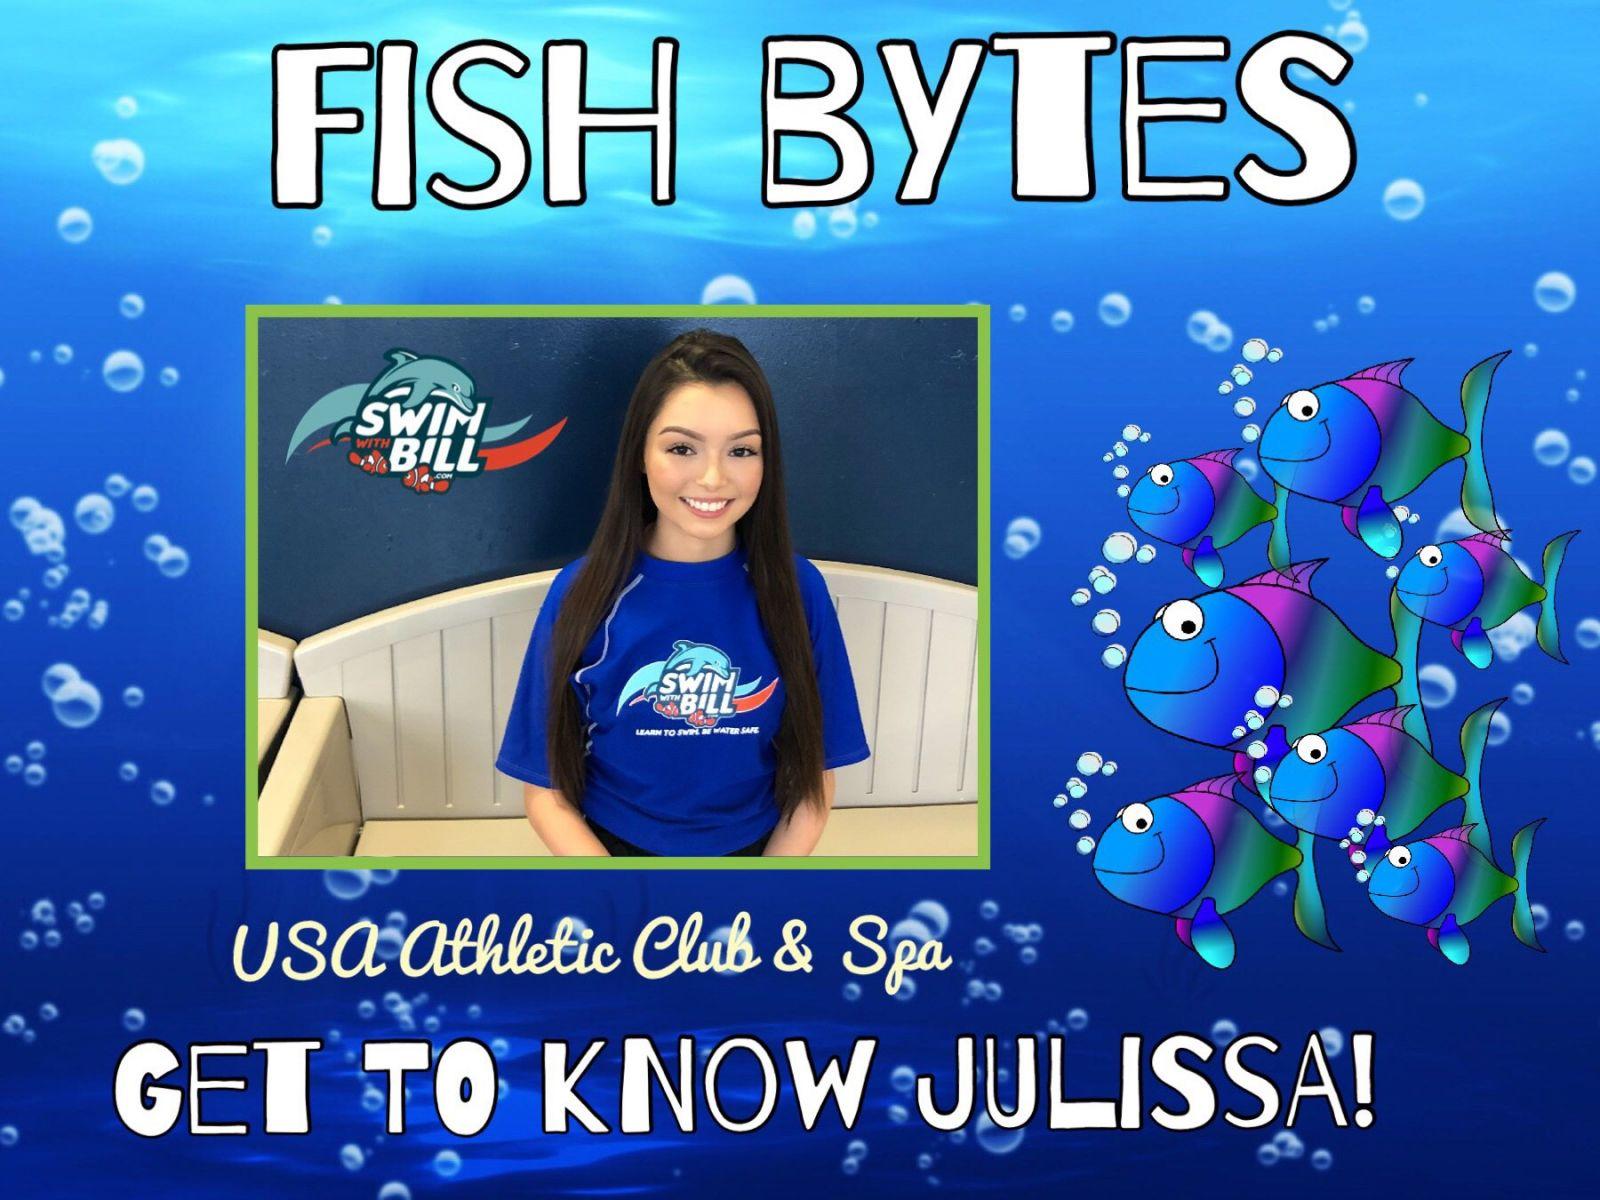 Get to know Julissa!